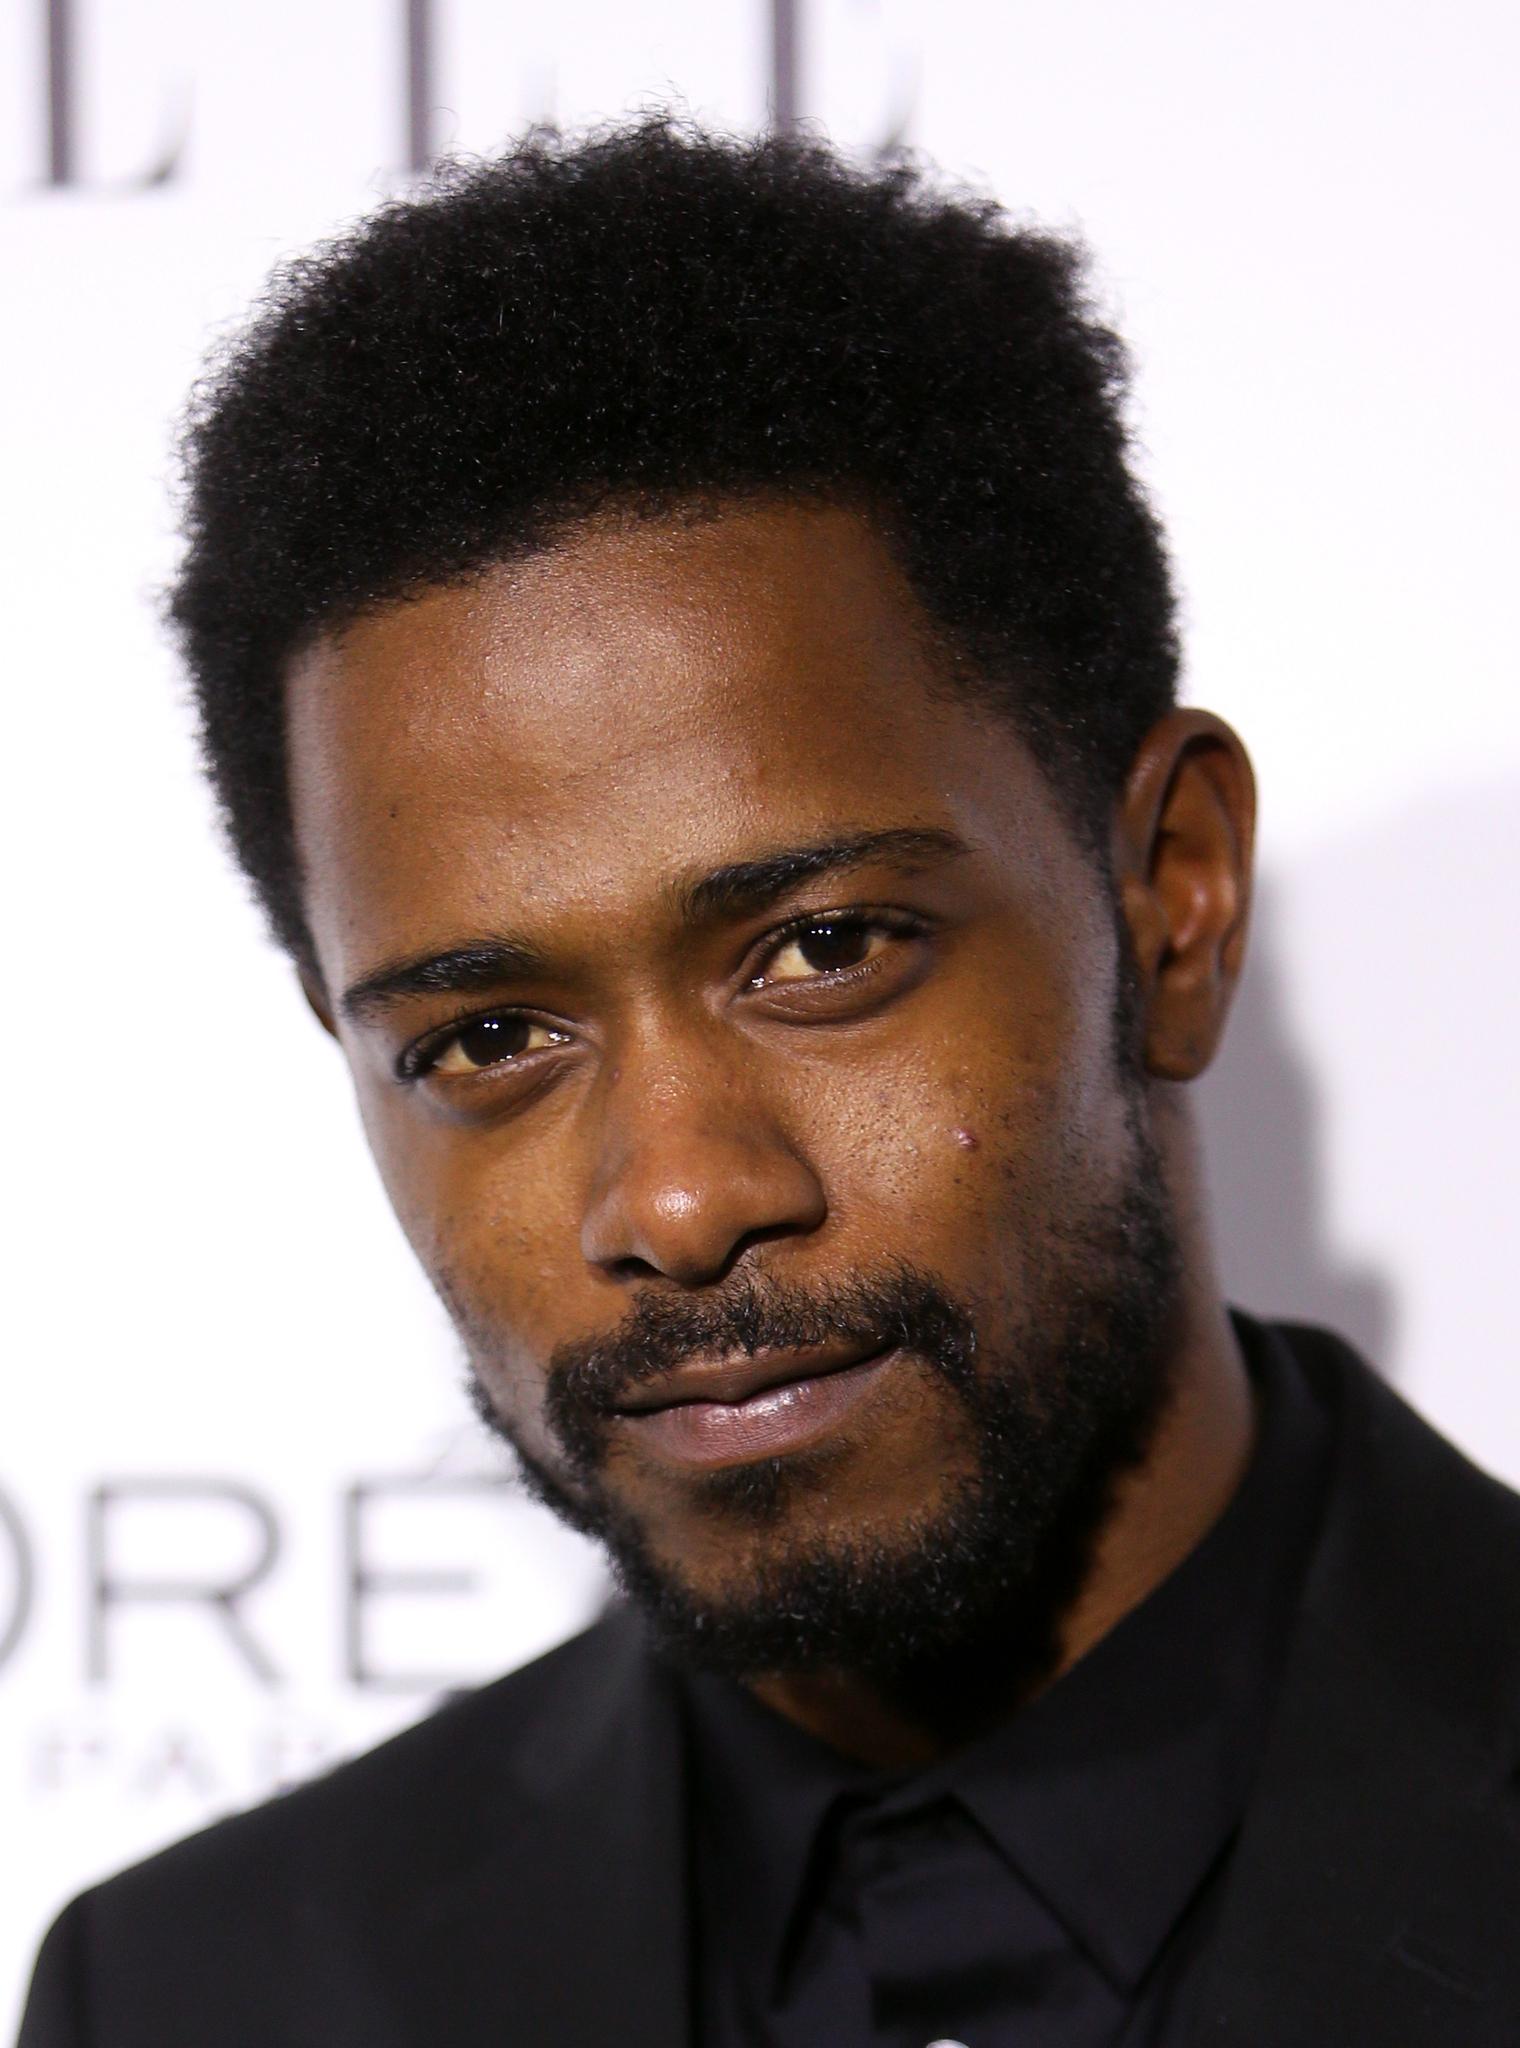 историю черные актеры фото с именами оно точно